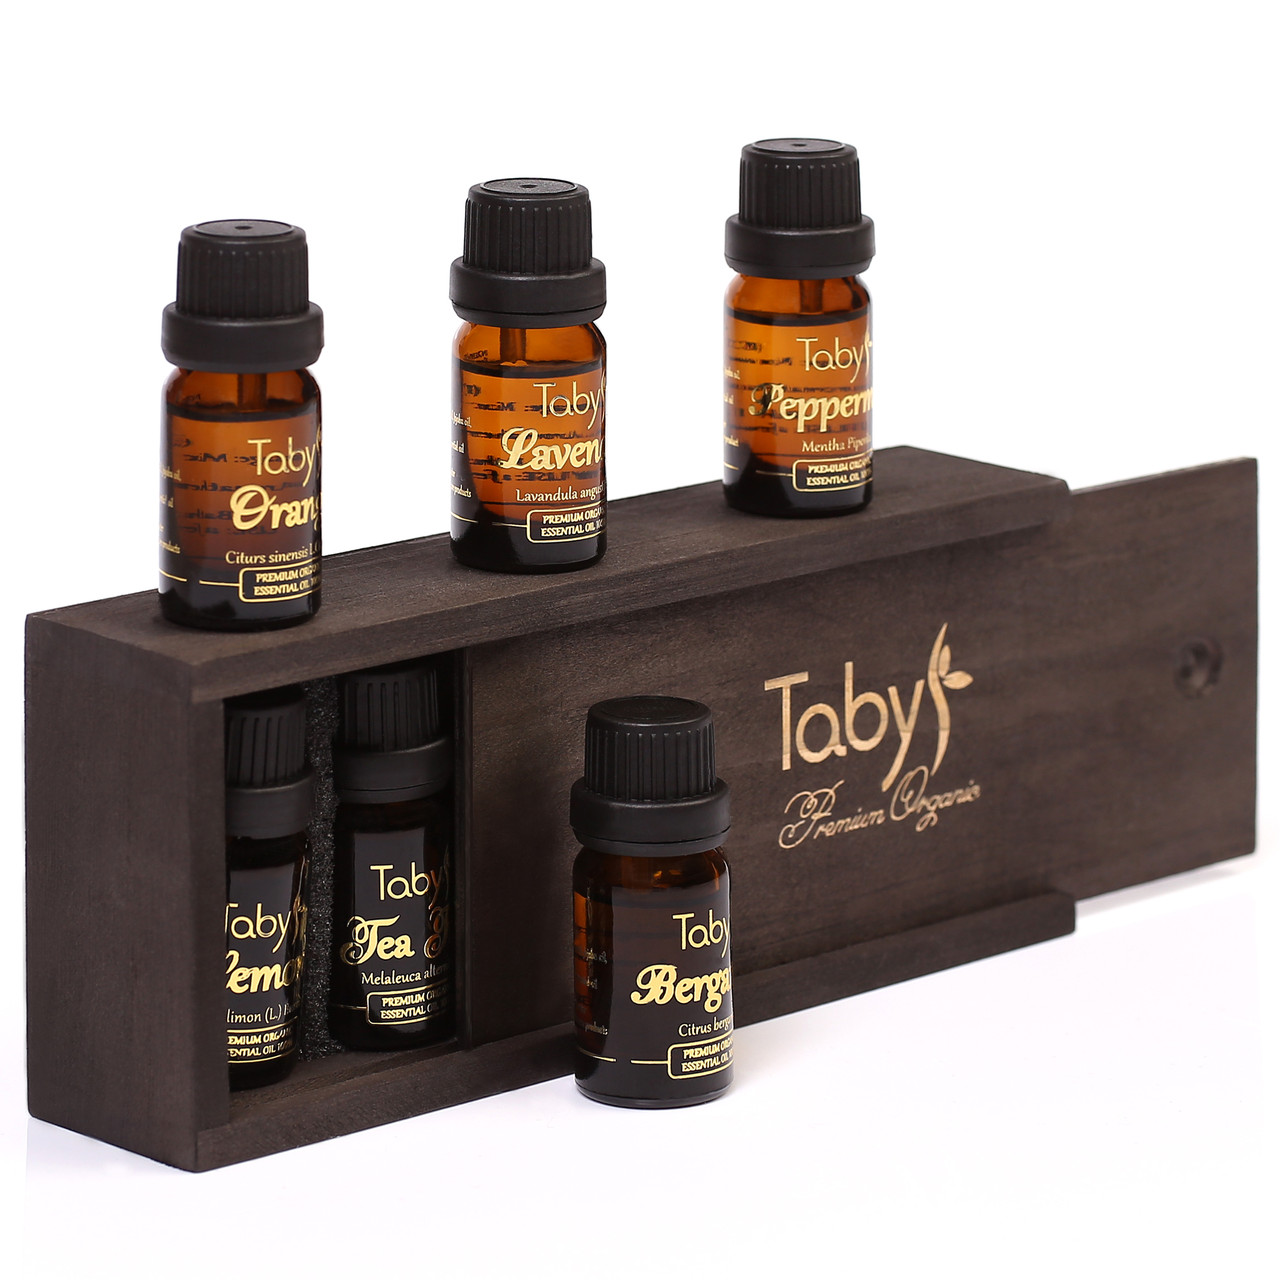 Эфирные масла натуральные набор 6 шт: бергамот, лаванда, чайное дерево, мята перечная, лимон, апельсин